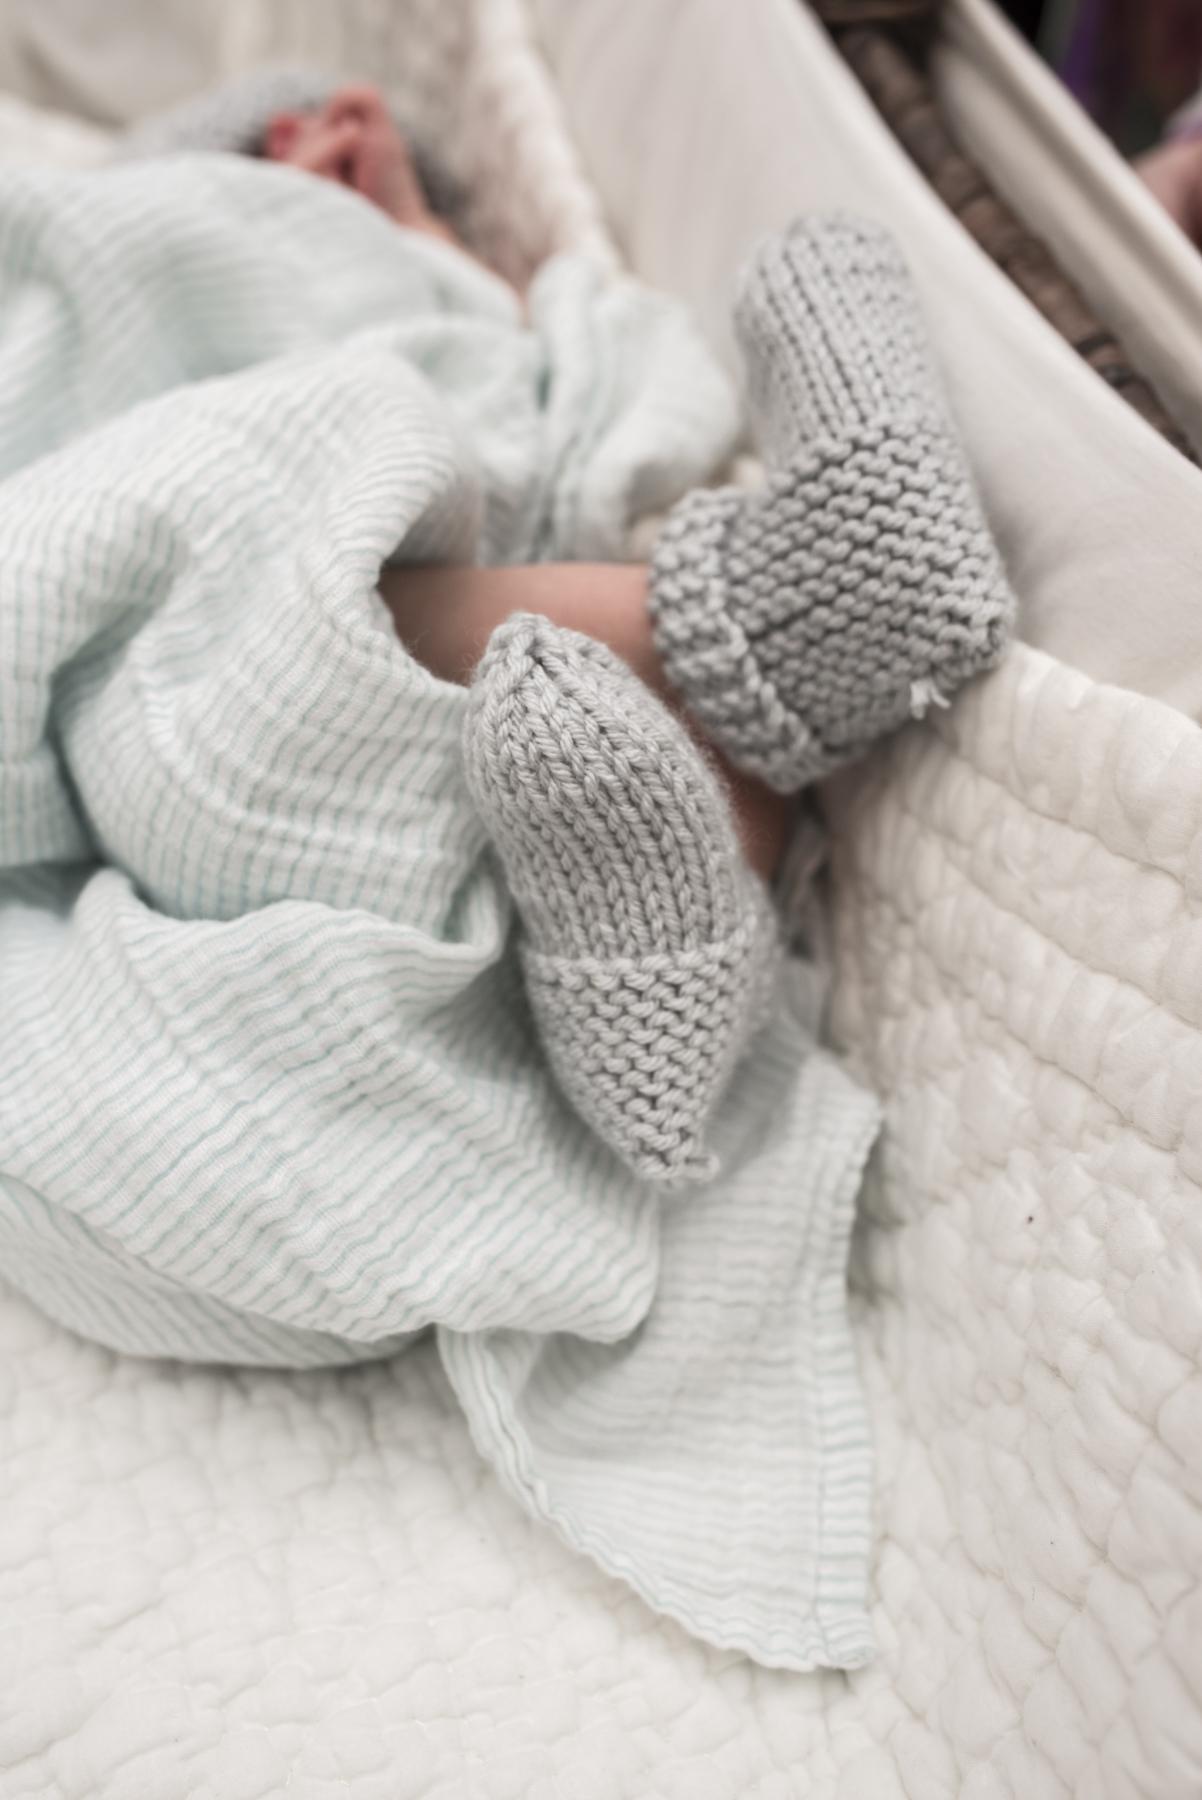 Jake_newborn-10.jpg